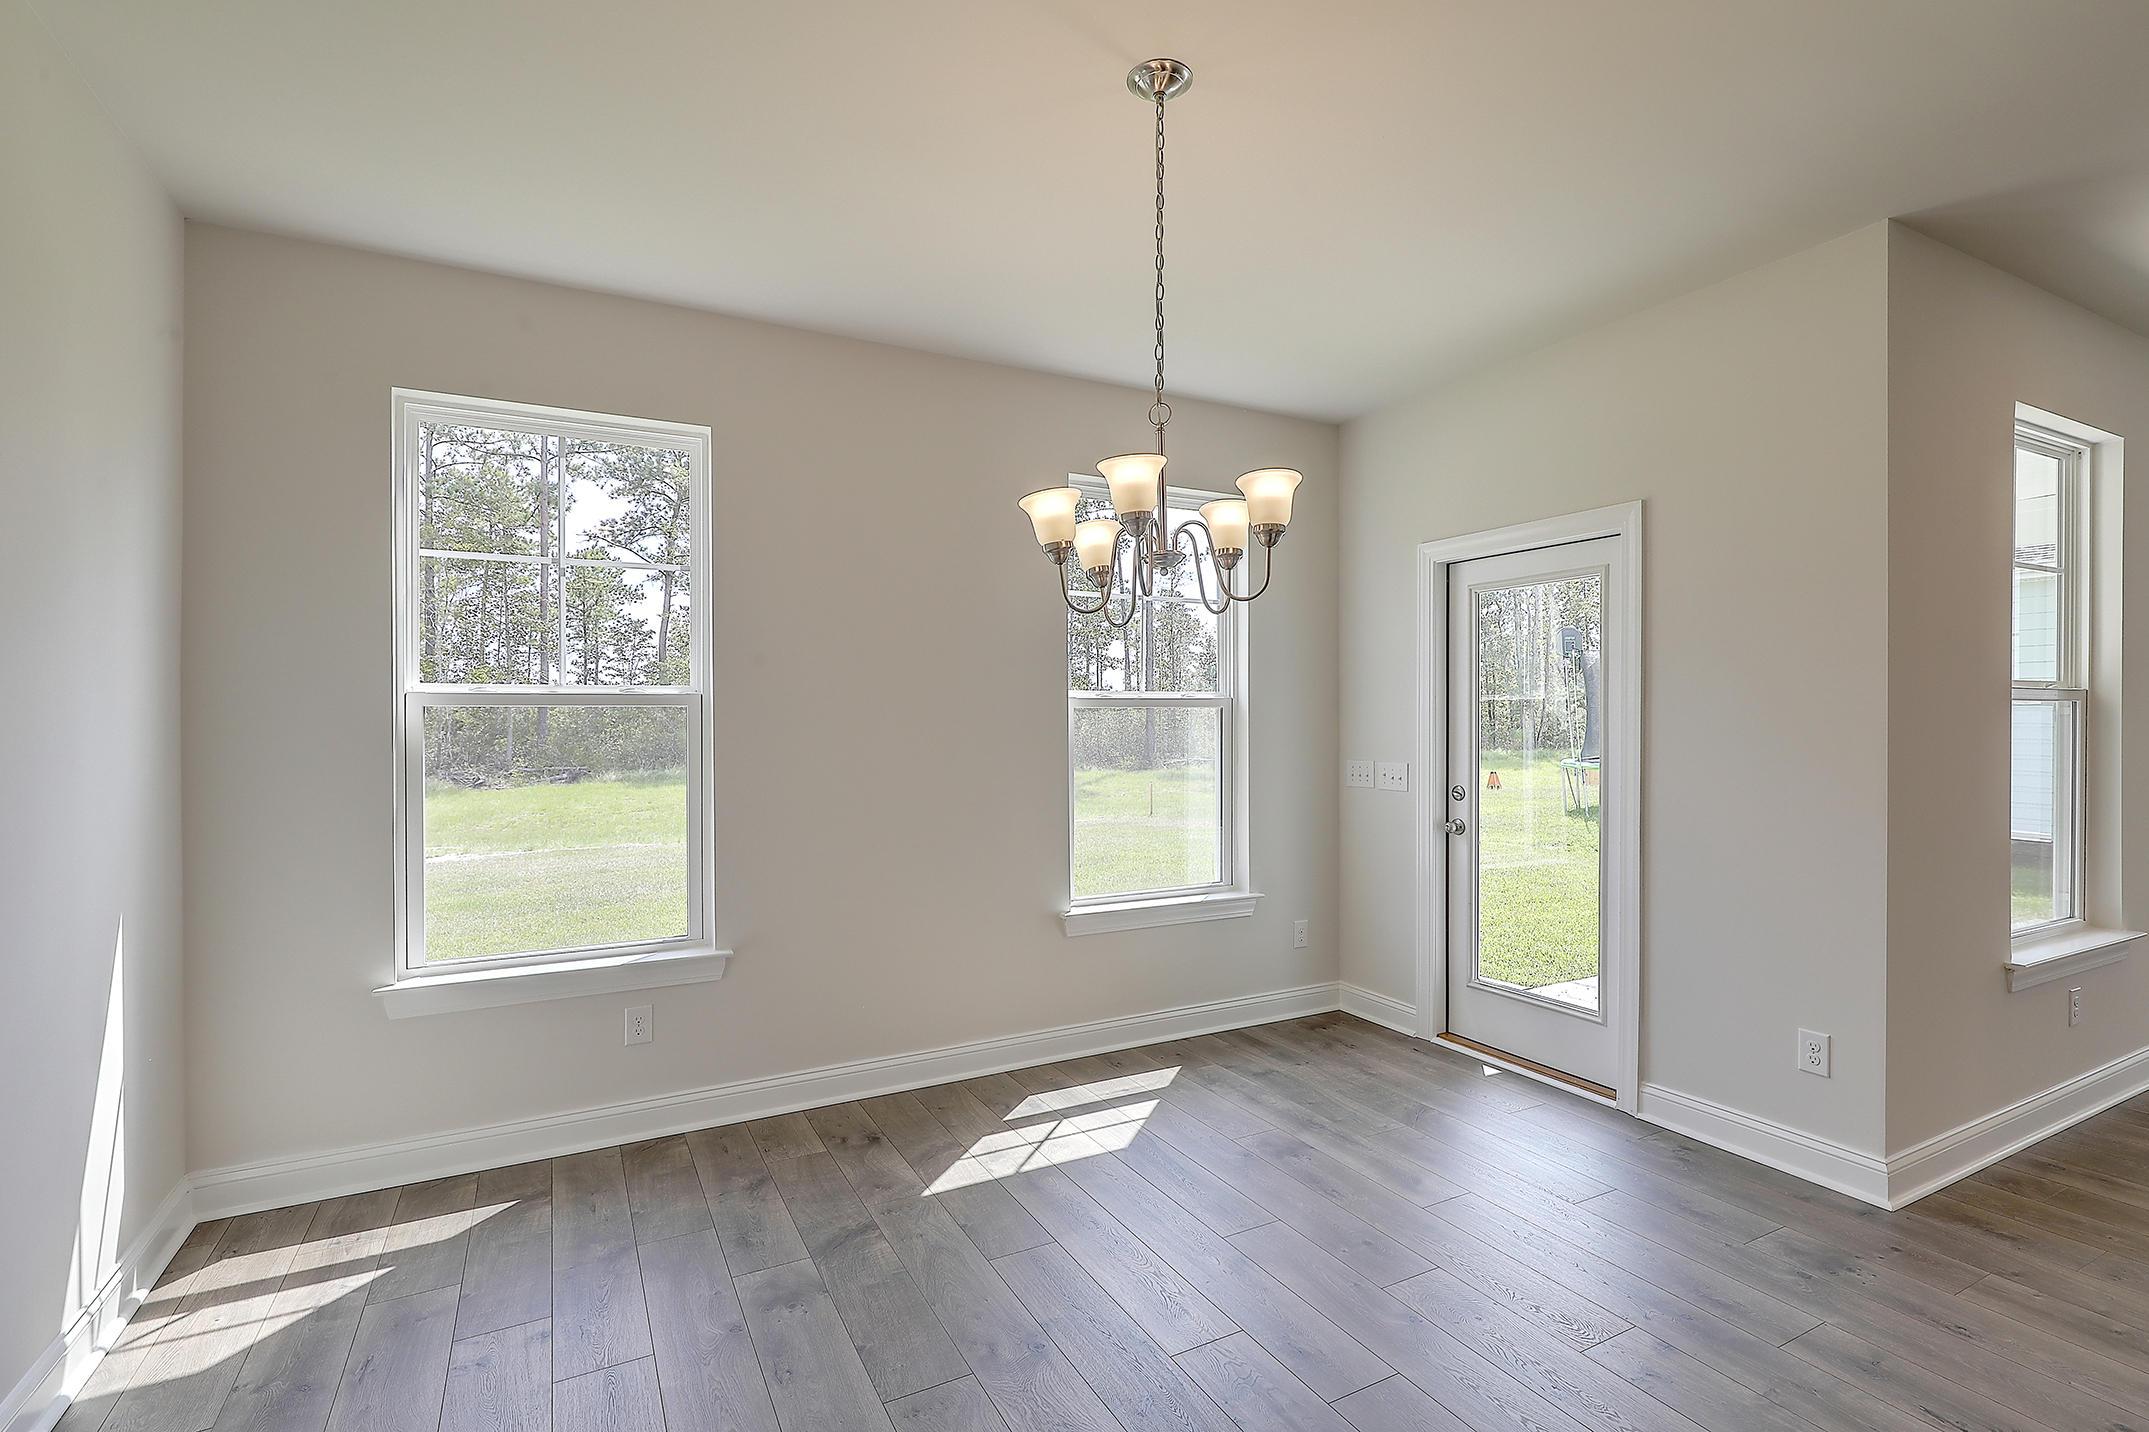 Cane Bay Plantation Homes For Sale - 117 Cotesworth, Summerville, SC - 7